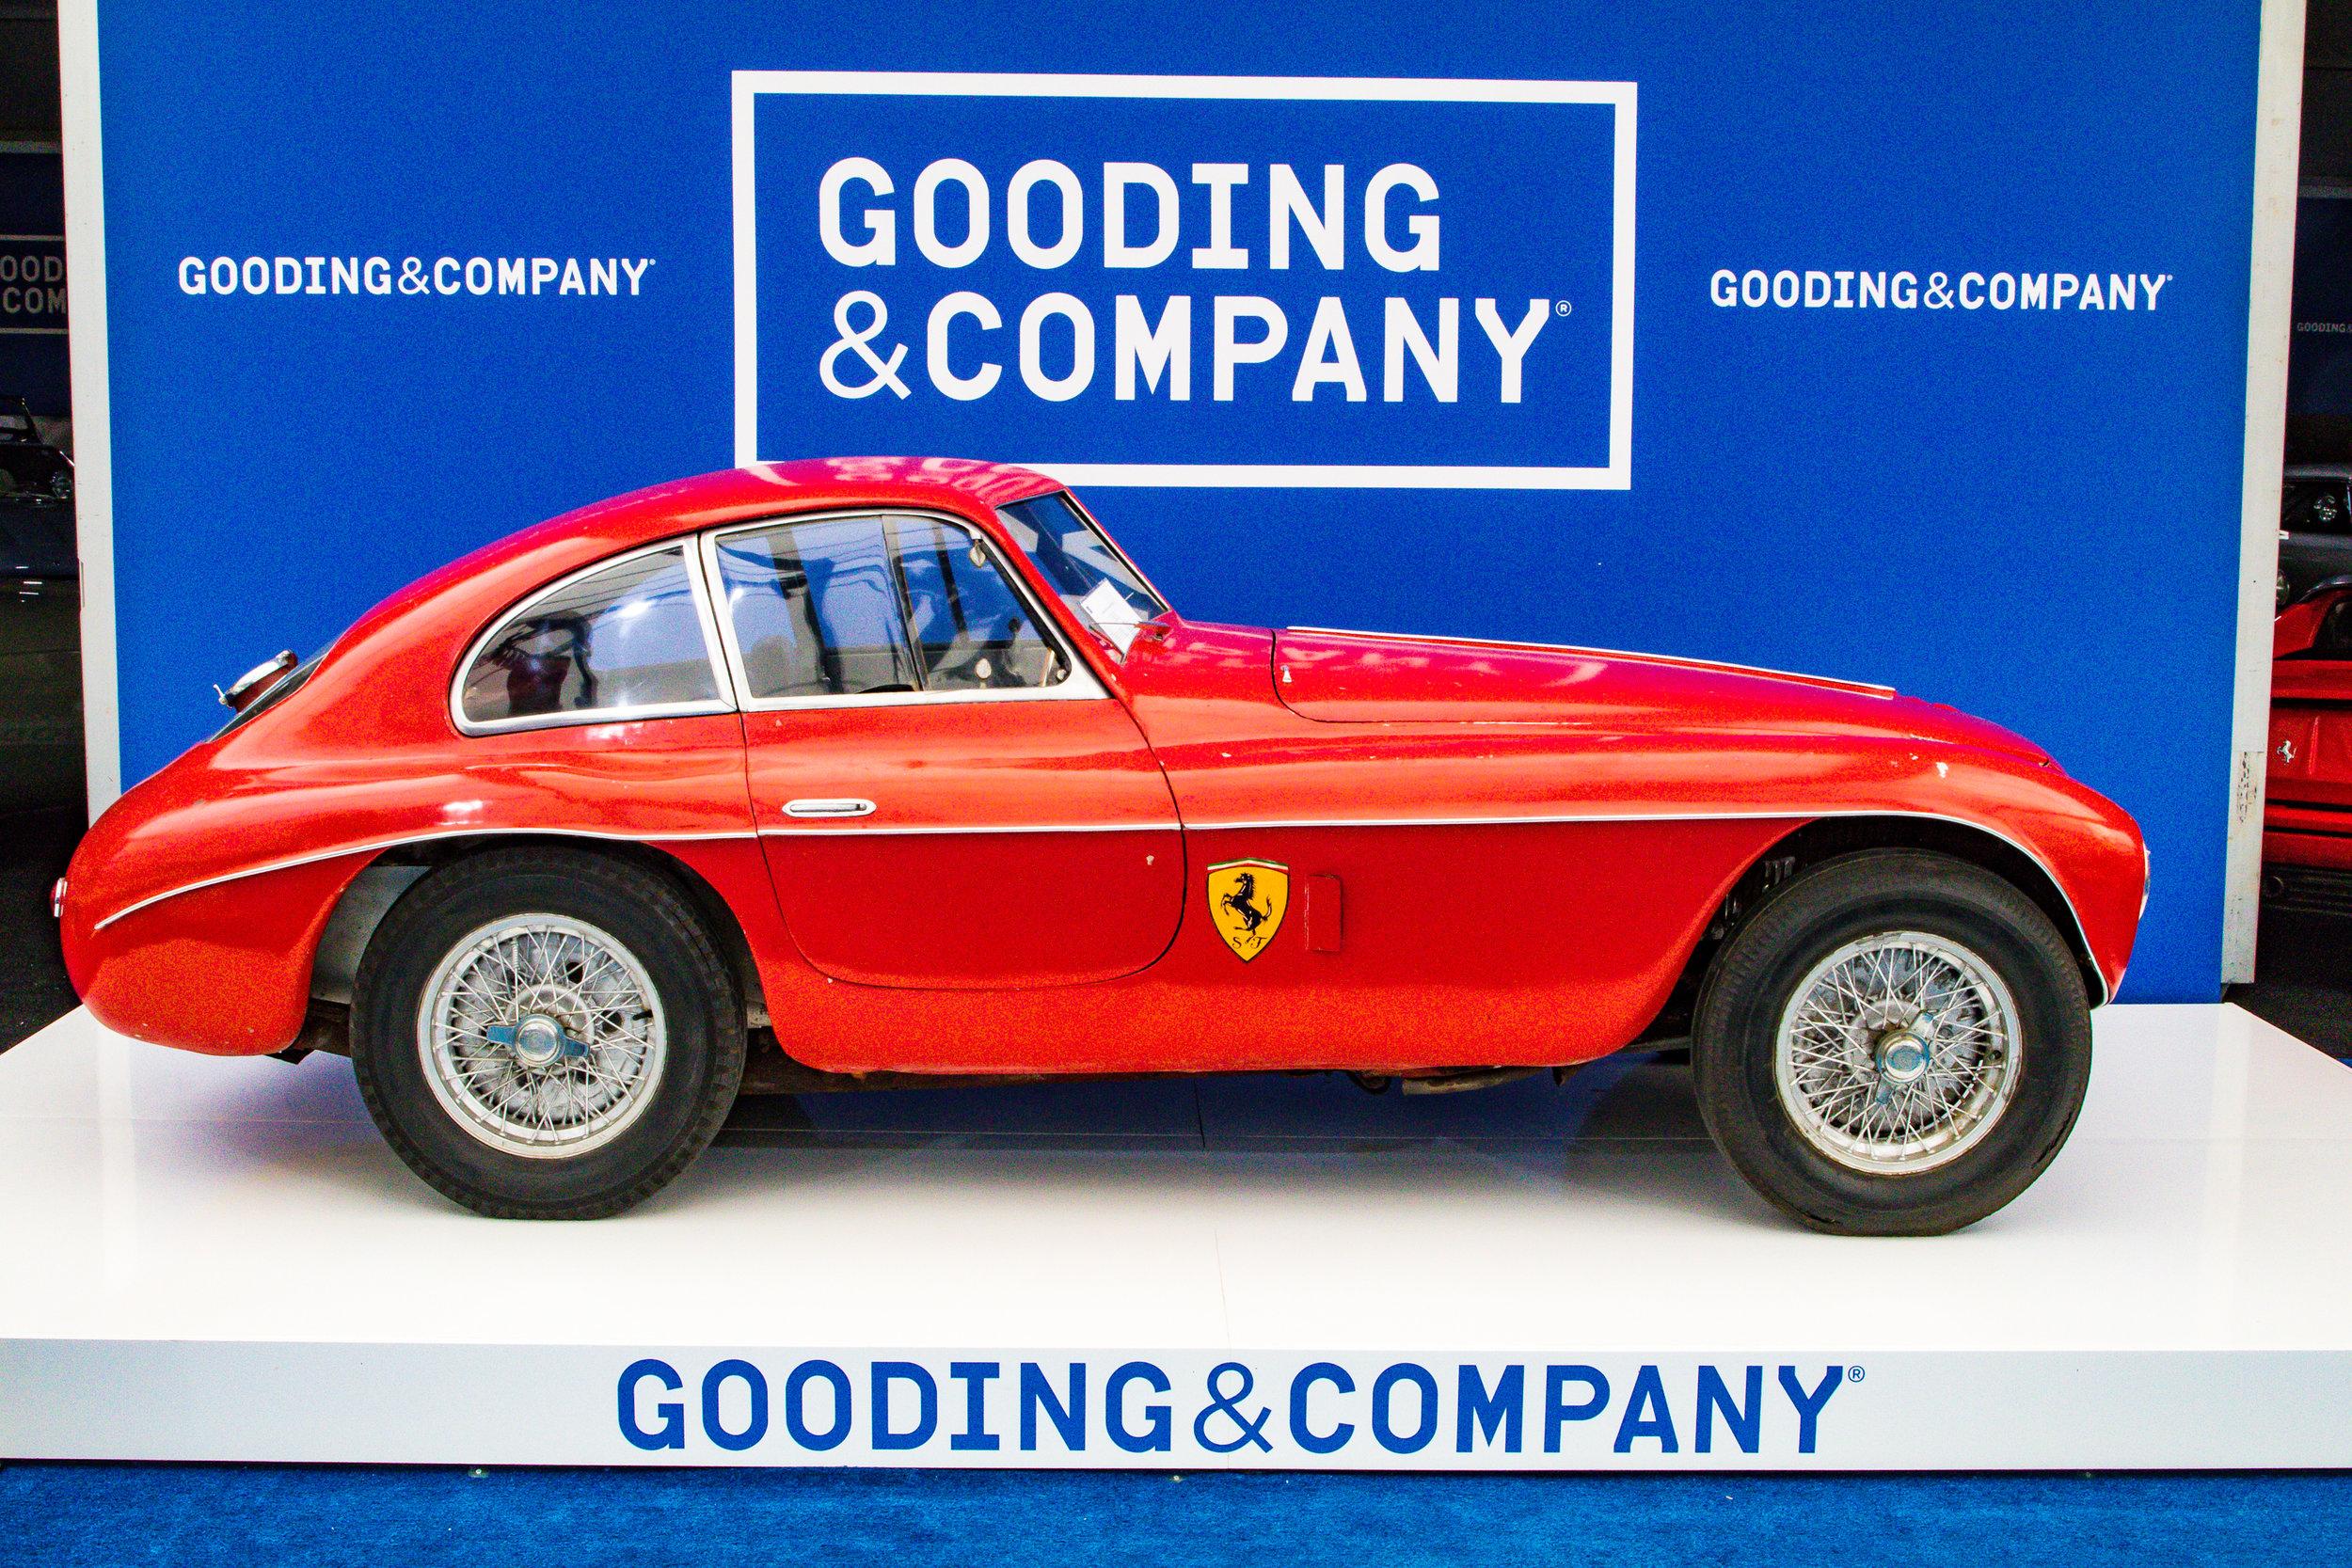 1950 Ferrari 166 mm Berlinetta-Sold for $5,445,000